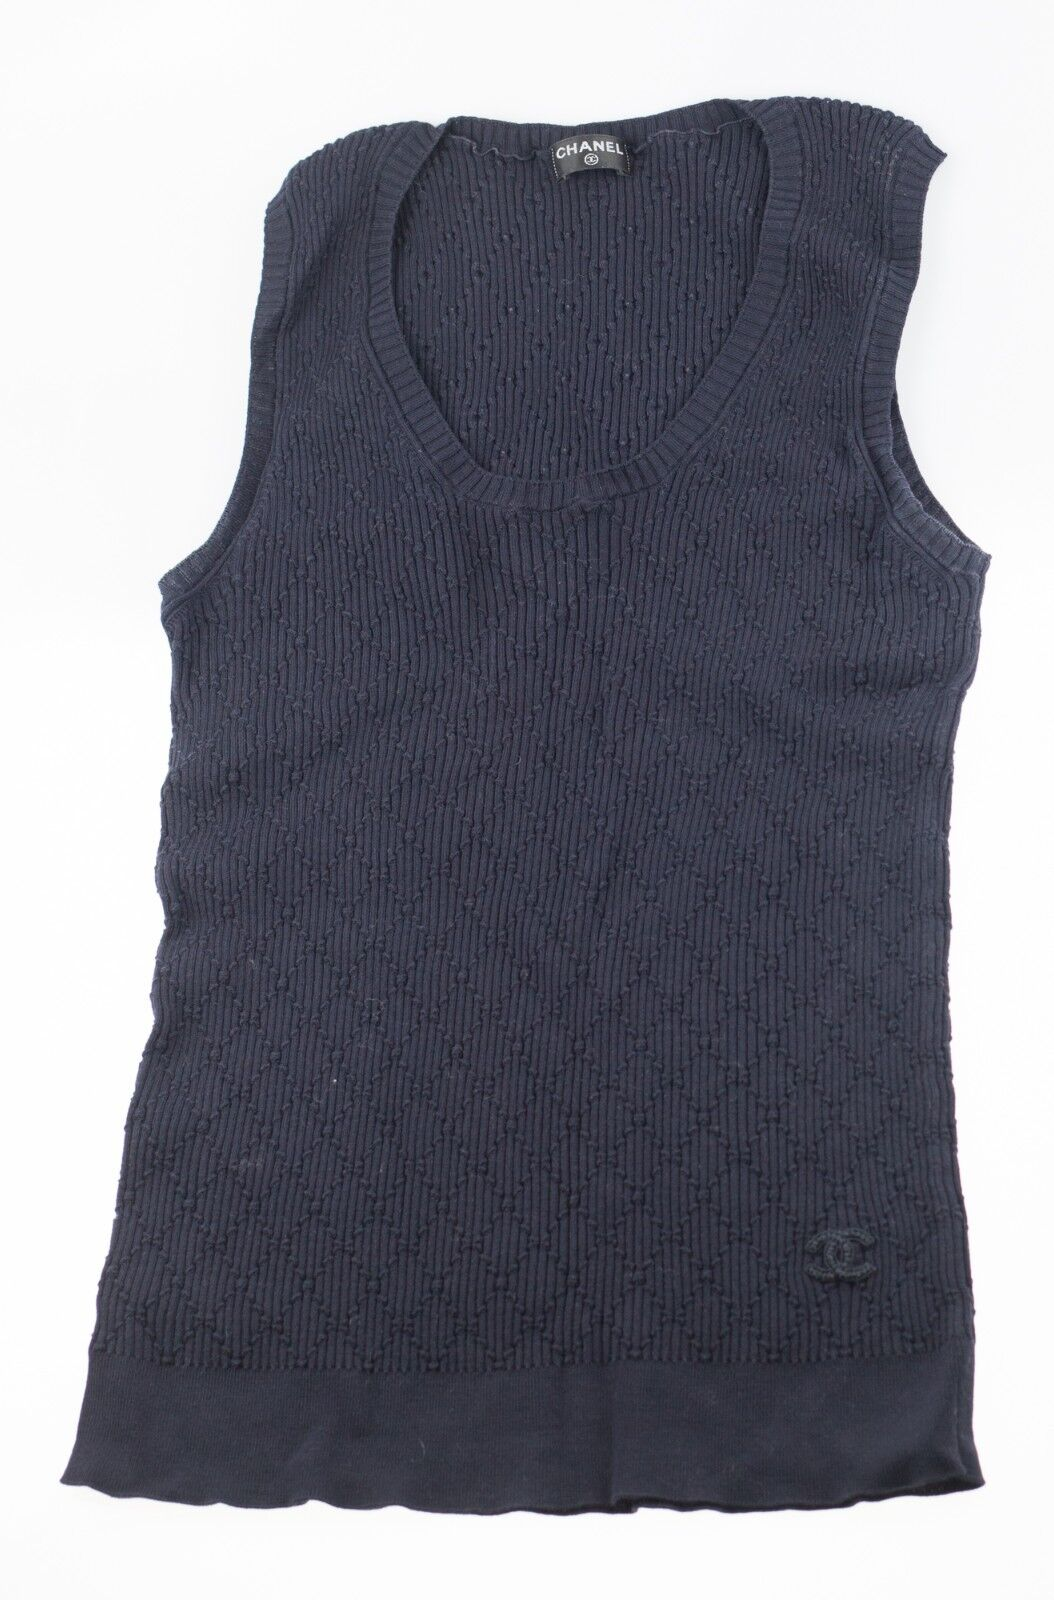 Chanel oberteil T-Shirt dunkelblau FR40 (=DE38)